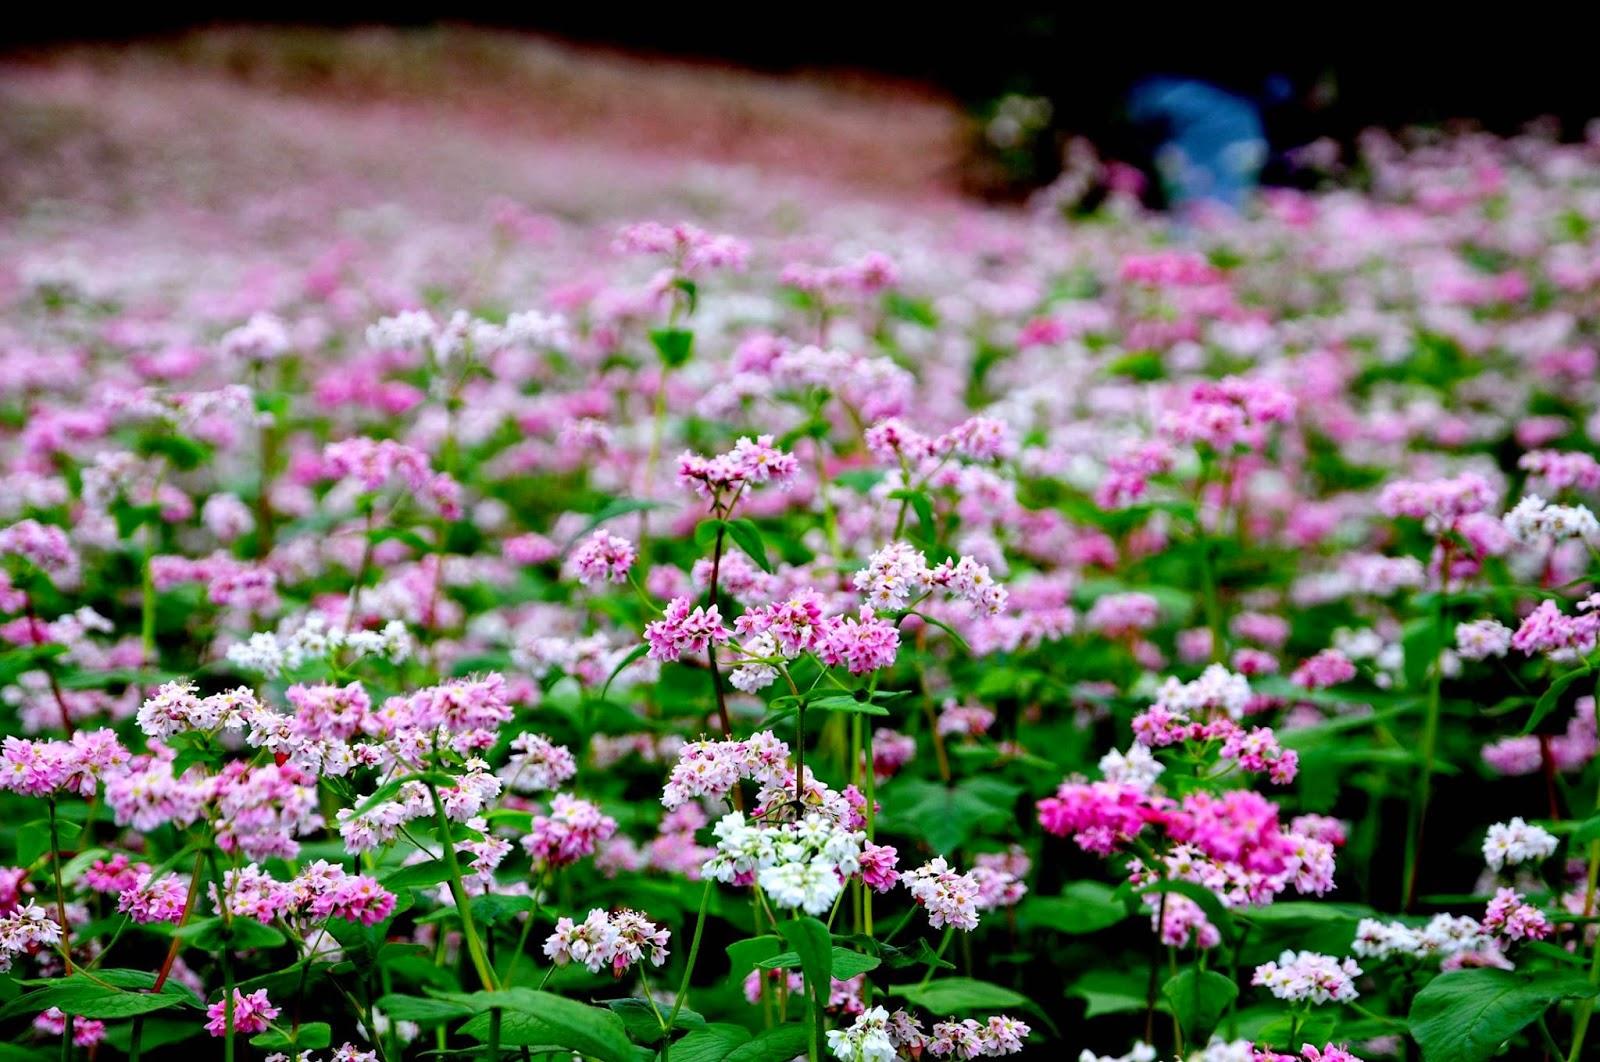 Không giống như Lào Cai, mùa hè ở Hà Giang hấp dẫn bởi khí hậu mát mẻ, vẻ đẹp của sắc hoa tam giác mạch. Đây được xem như là mùa đẹp nhất ở Hà Giang, nó khoác trên mình chiếc áo tím hồng quyến rũ của sắc hoa tam giác mạch.